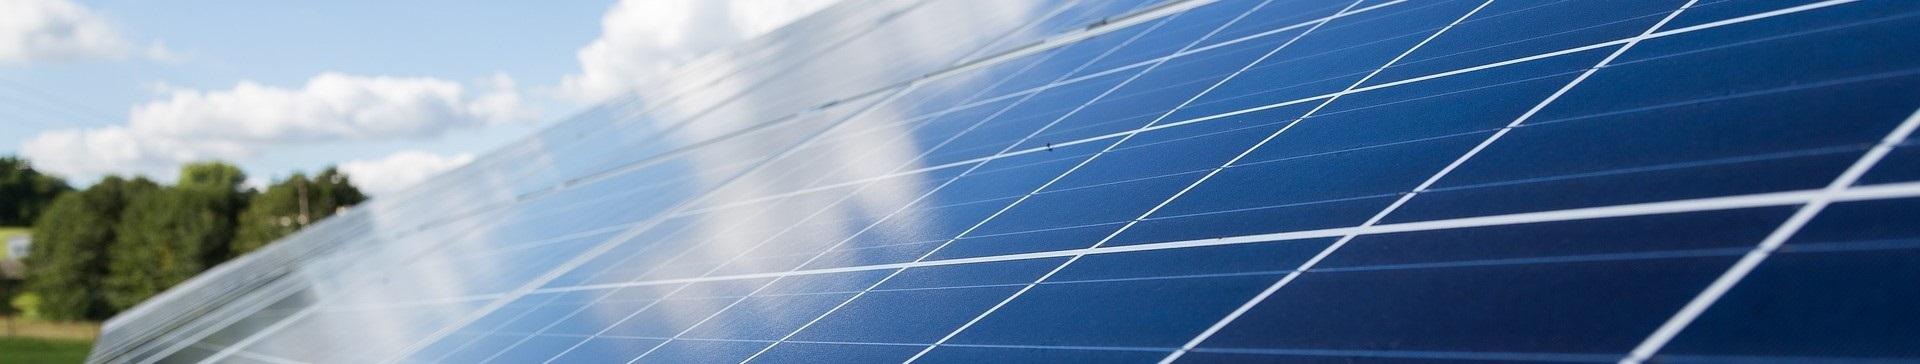 Liste des adhérents du Syndicat des professionnels de l'énergie solaire